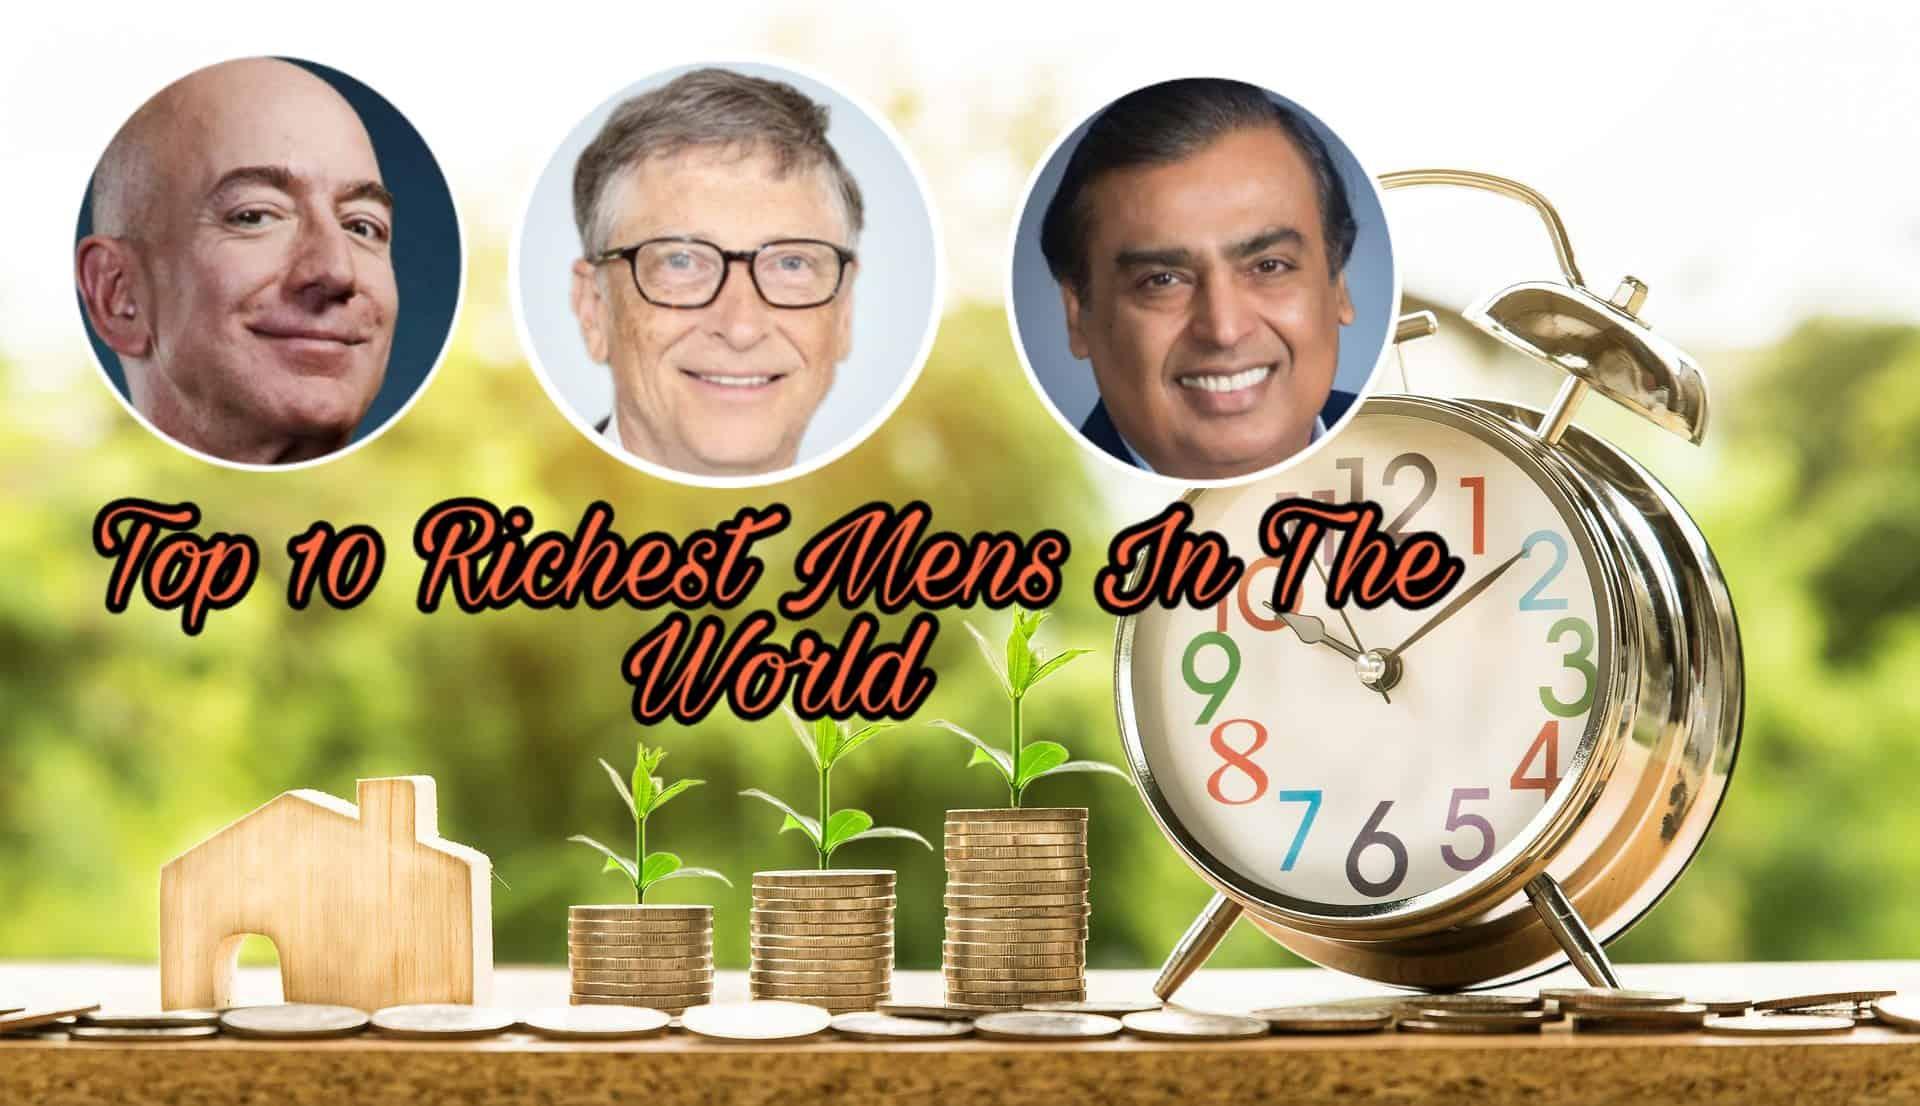 दुनिया के सबसे अमीर आदमी